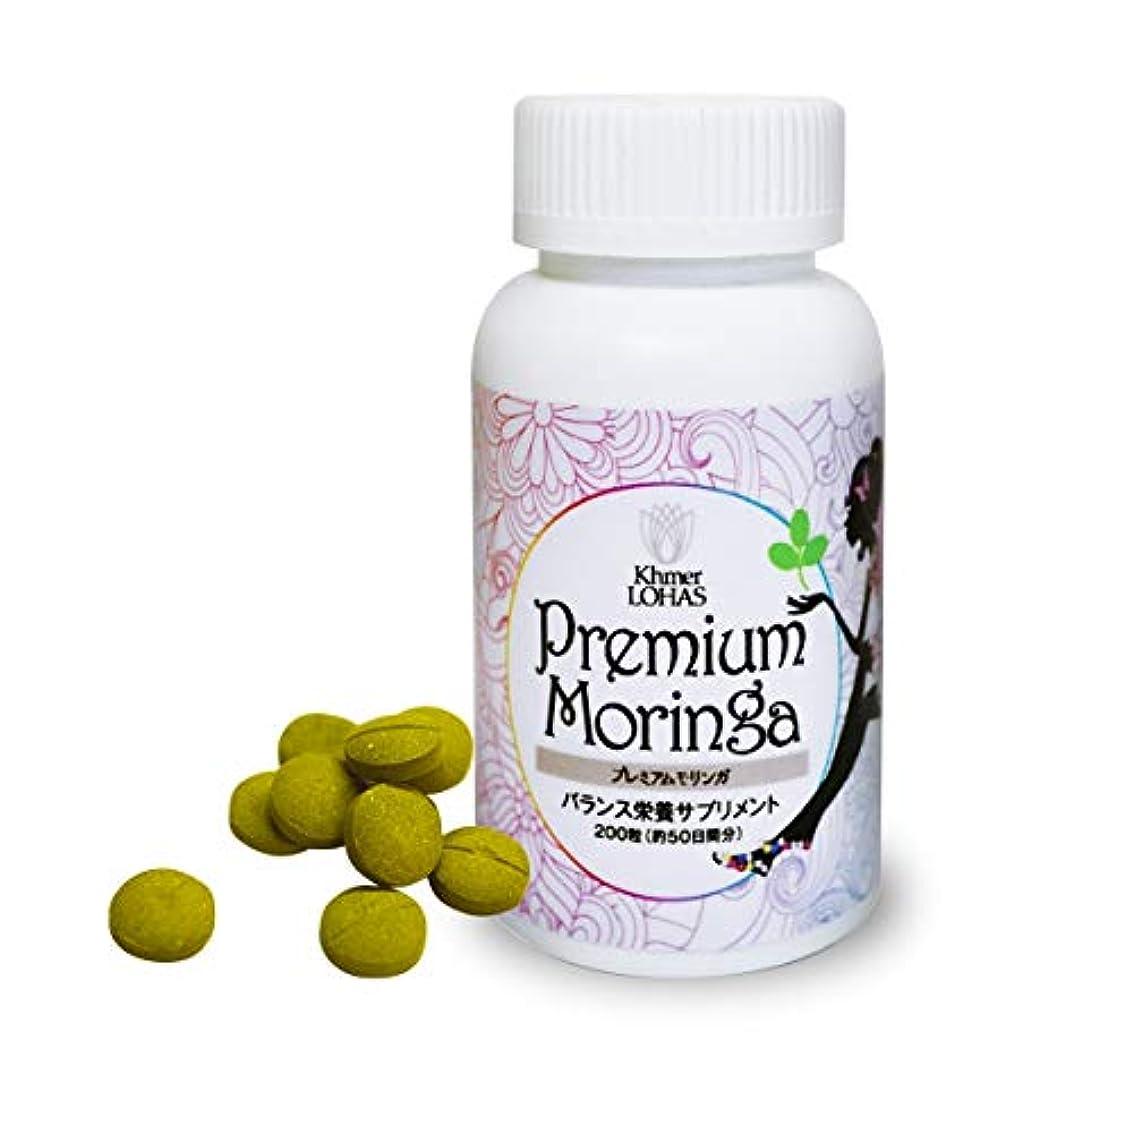 ホラー嫌い恵みKhmer LOHAS(クメールロハス) プレミアムモリンガ サプリメント 無添加 無農薬 約50日分